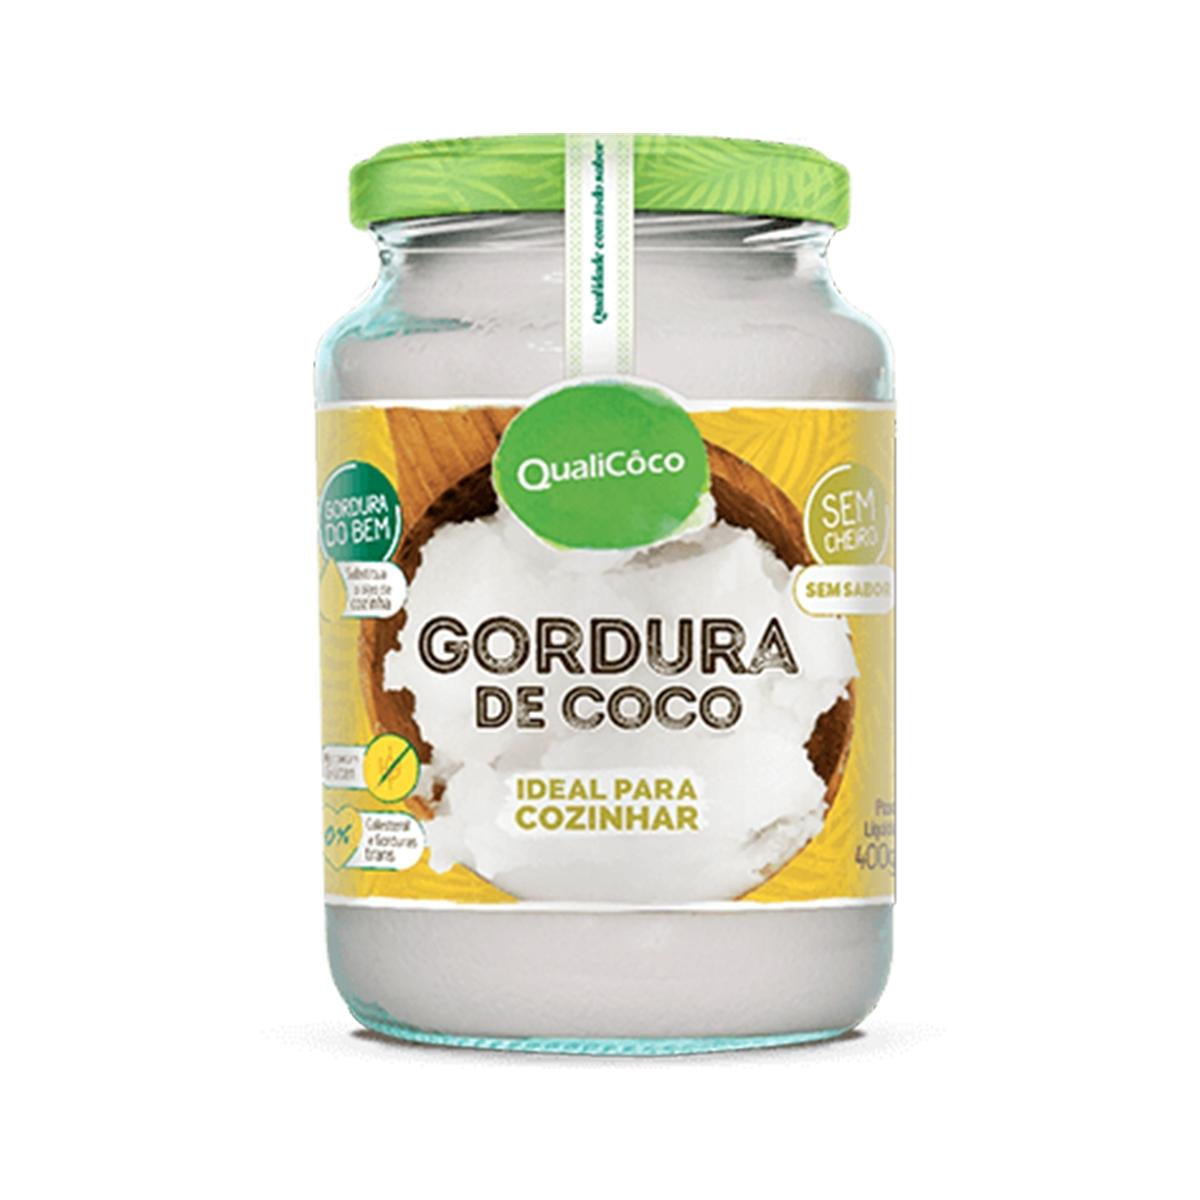 Gordura de Coco 400g - Qualicoco